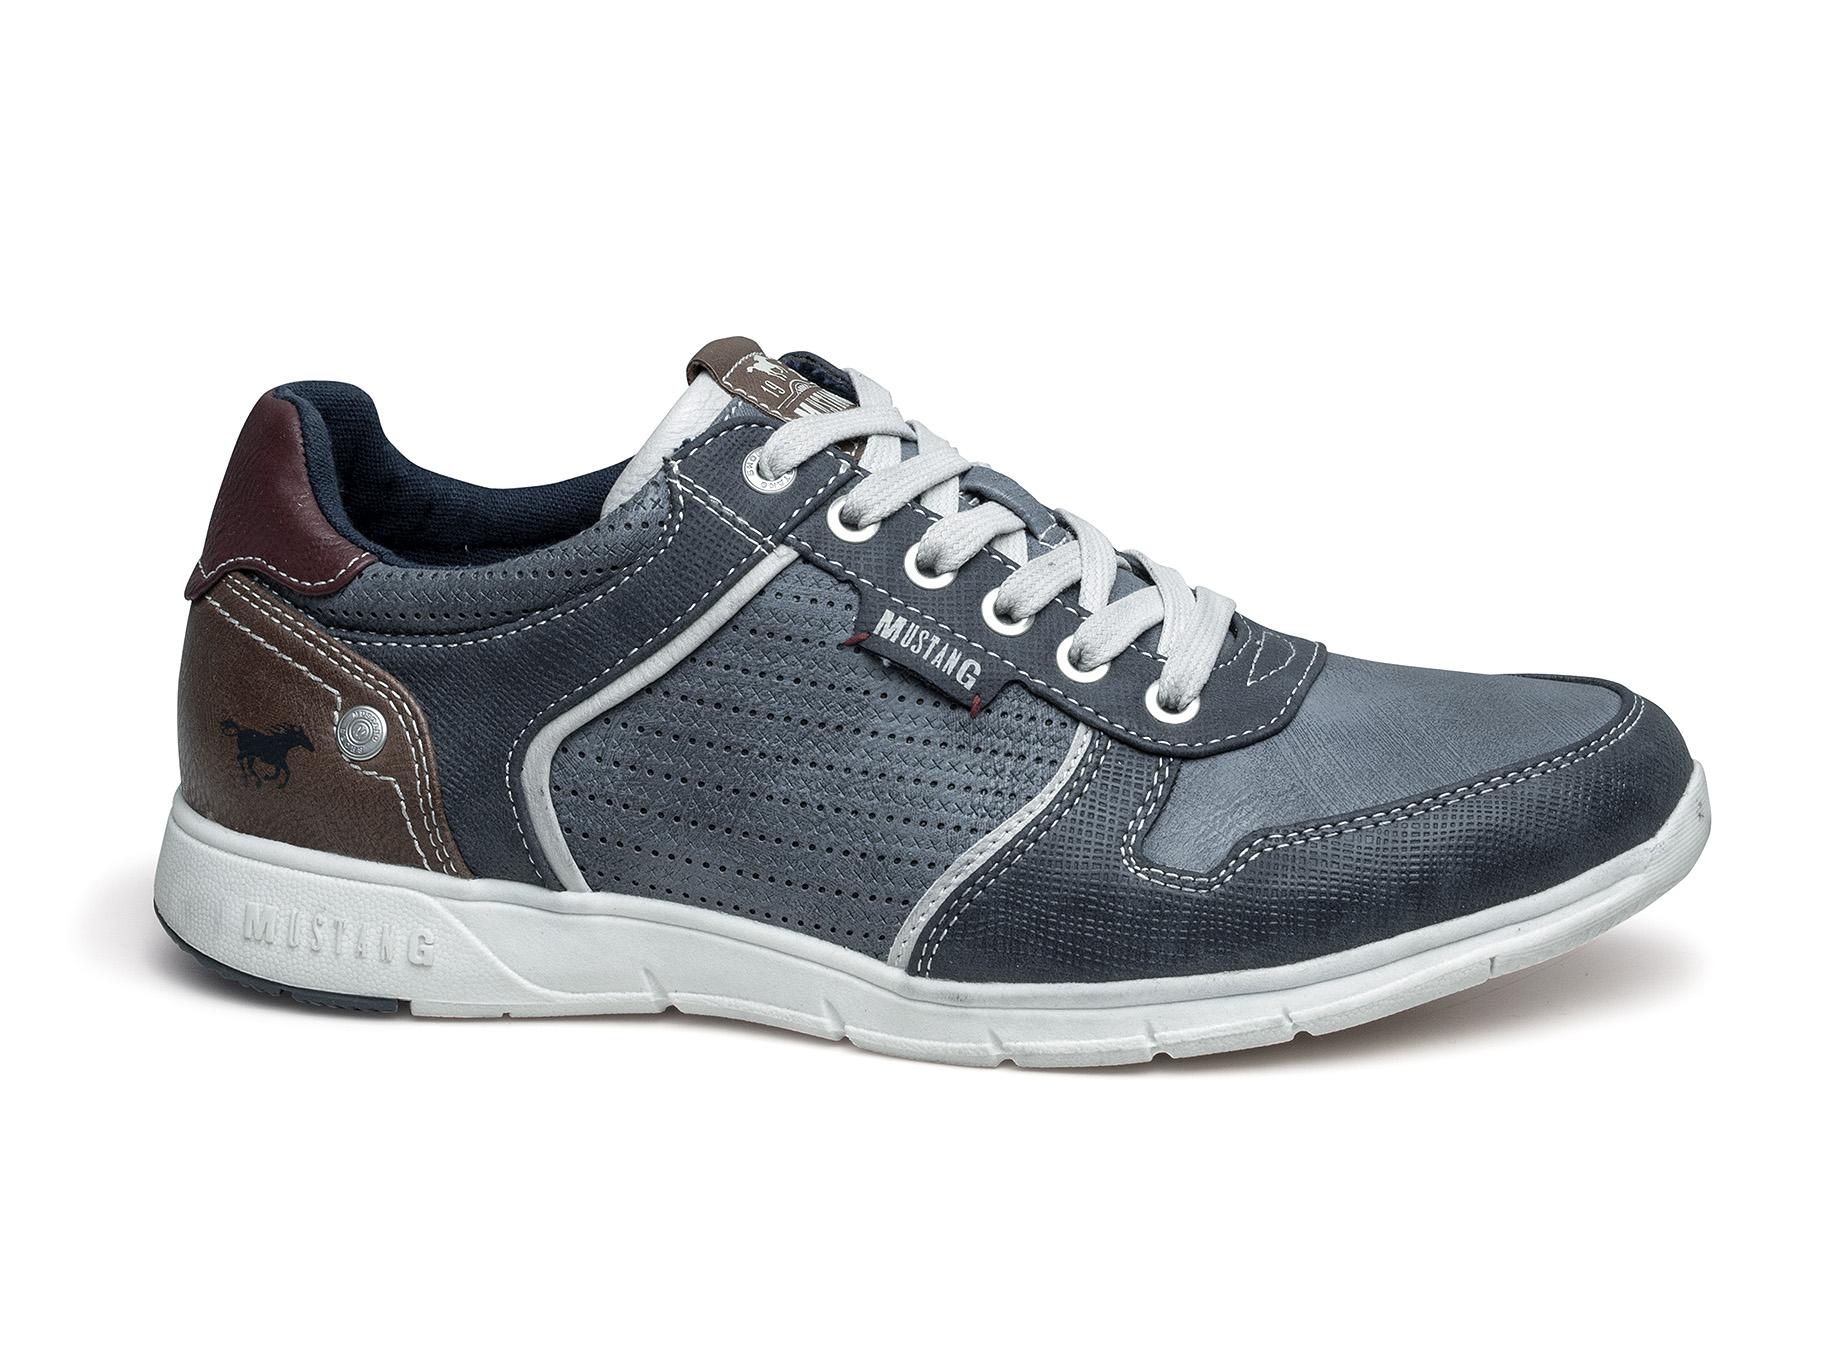 9f8337eb917e Mustang boty shoes buty schuhe topánky chaussure cipő čevlje schoenen  scarpe zapatos batai pantofi sko skor ...